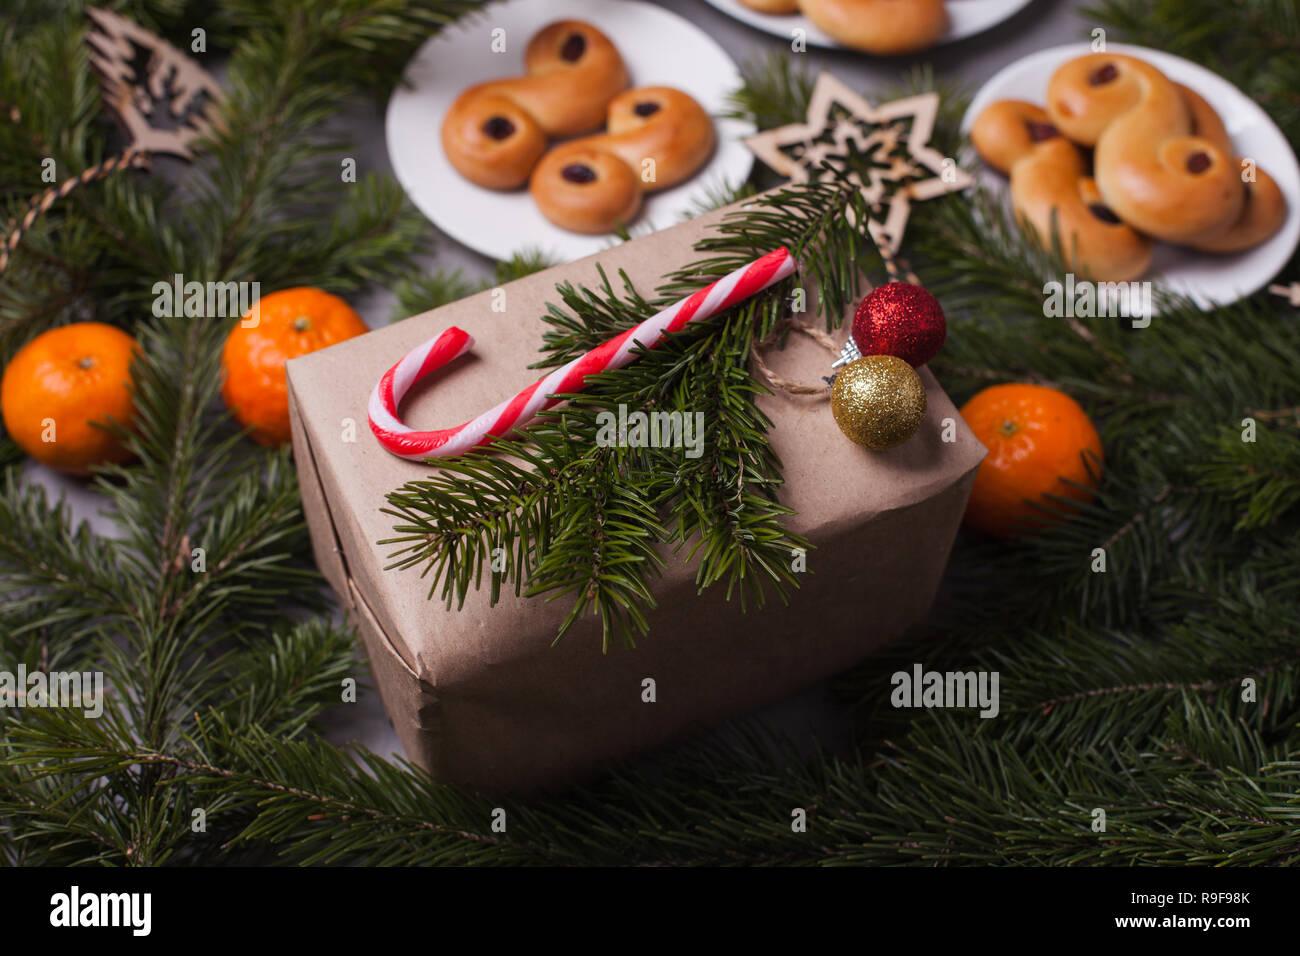 Petits pains au safran traditionnel suédois, également connu sous le nom de lussekatter ou lussebullar. Les pains ont les raisins et les jaunes sont façonnées en spirales et boîte-cadeau xwith Banque D'Images